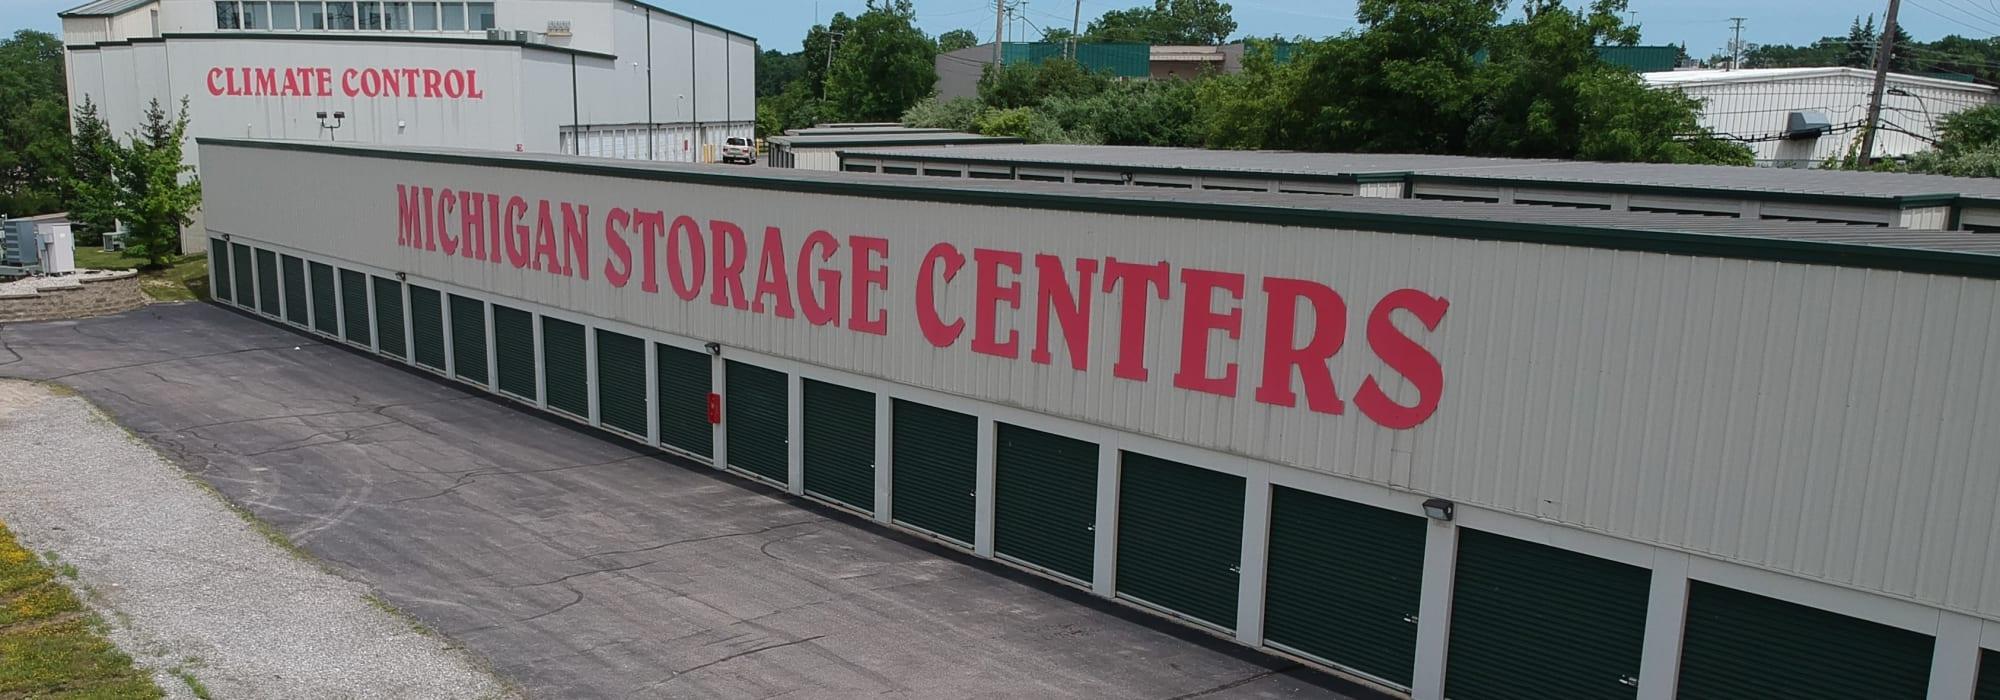 Michigan Storage Centers in Farmington Hills, Michigan